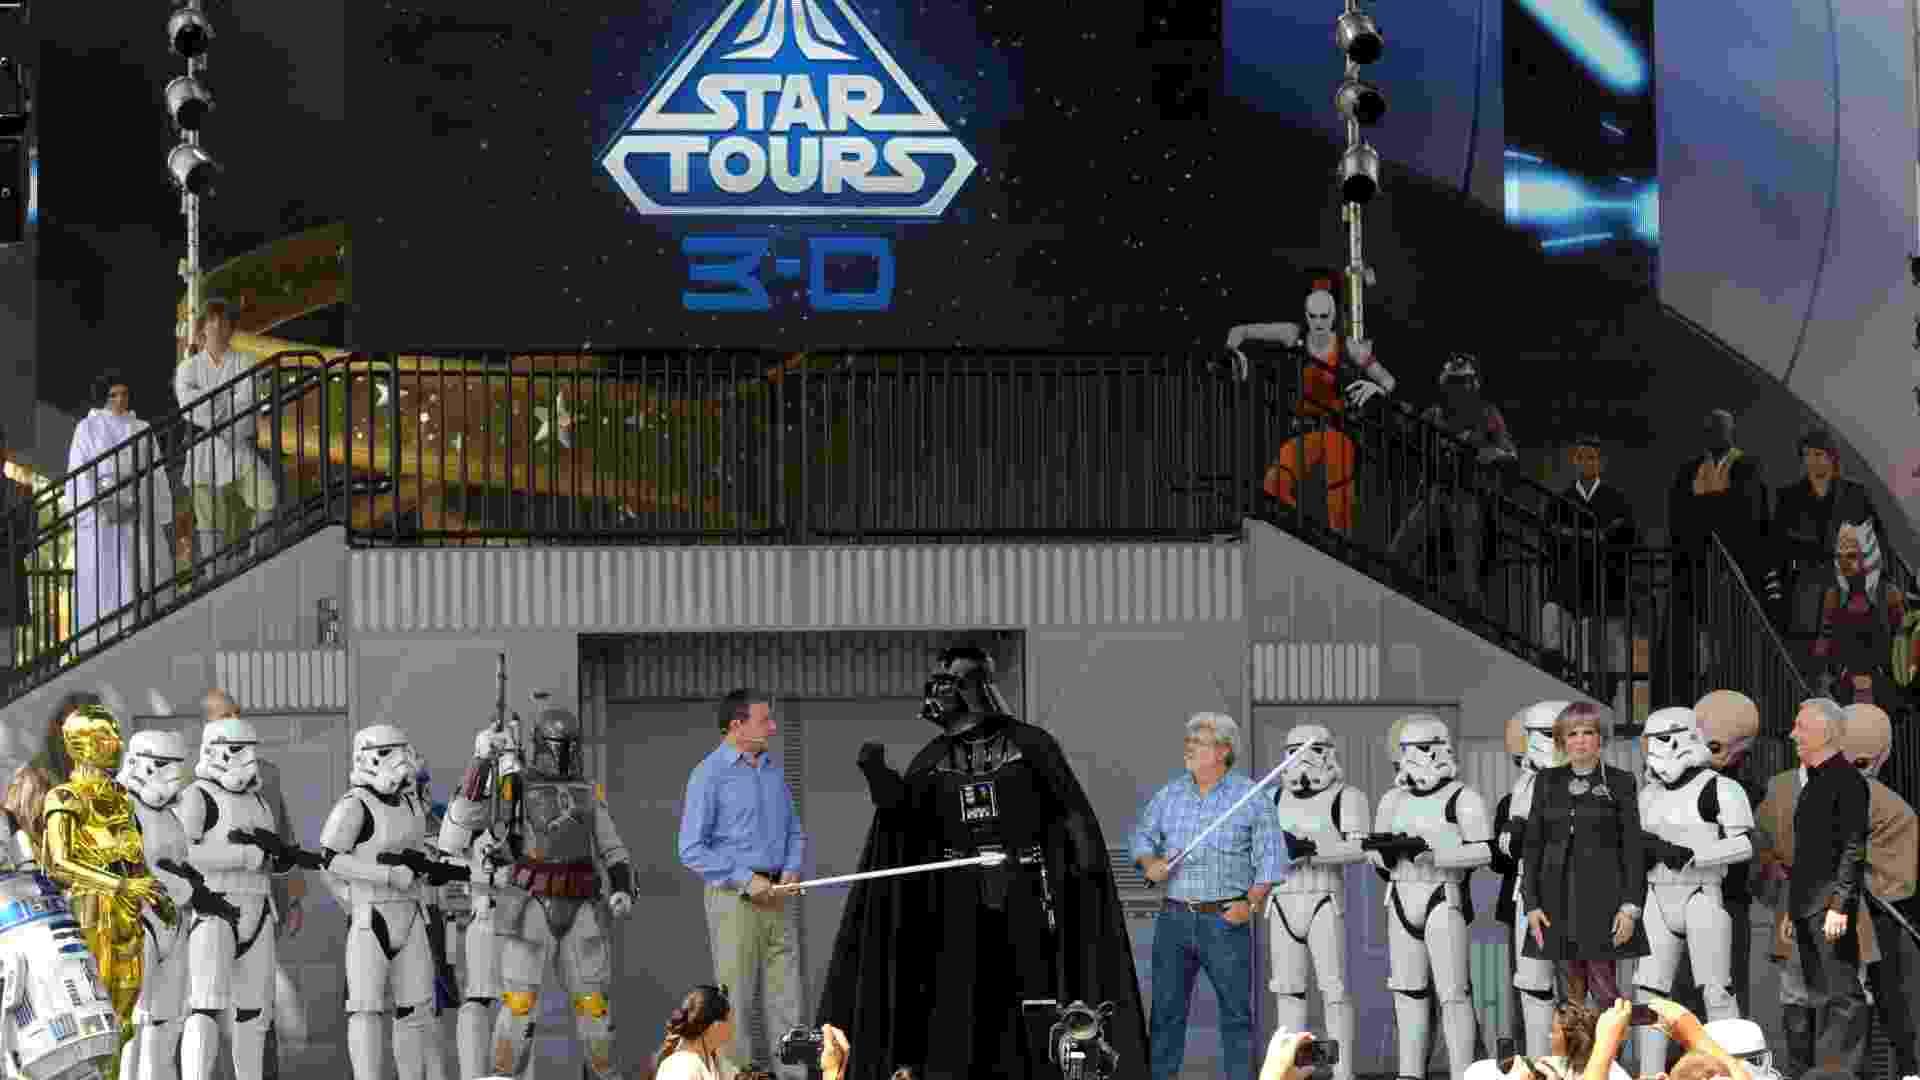 No parque Hollywood Studios, em Orlando, o simulador Star Tours foi reaberto em 2011, depois de uma reforma. Na foto, George Lucas, o presidente da Disney, Robert Iger, e atores representando os personagens dos filmes participam de uma cerimônia de reabertura da atração (20/5/2011) - Phelan M. Ebenhack/AP